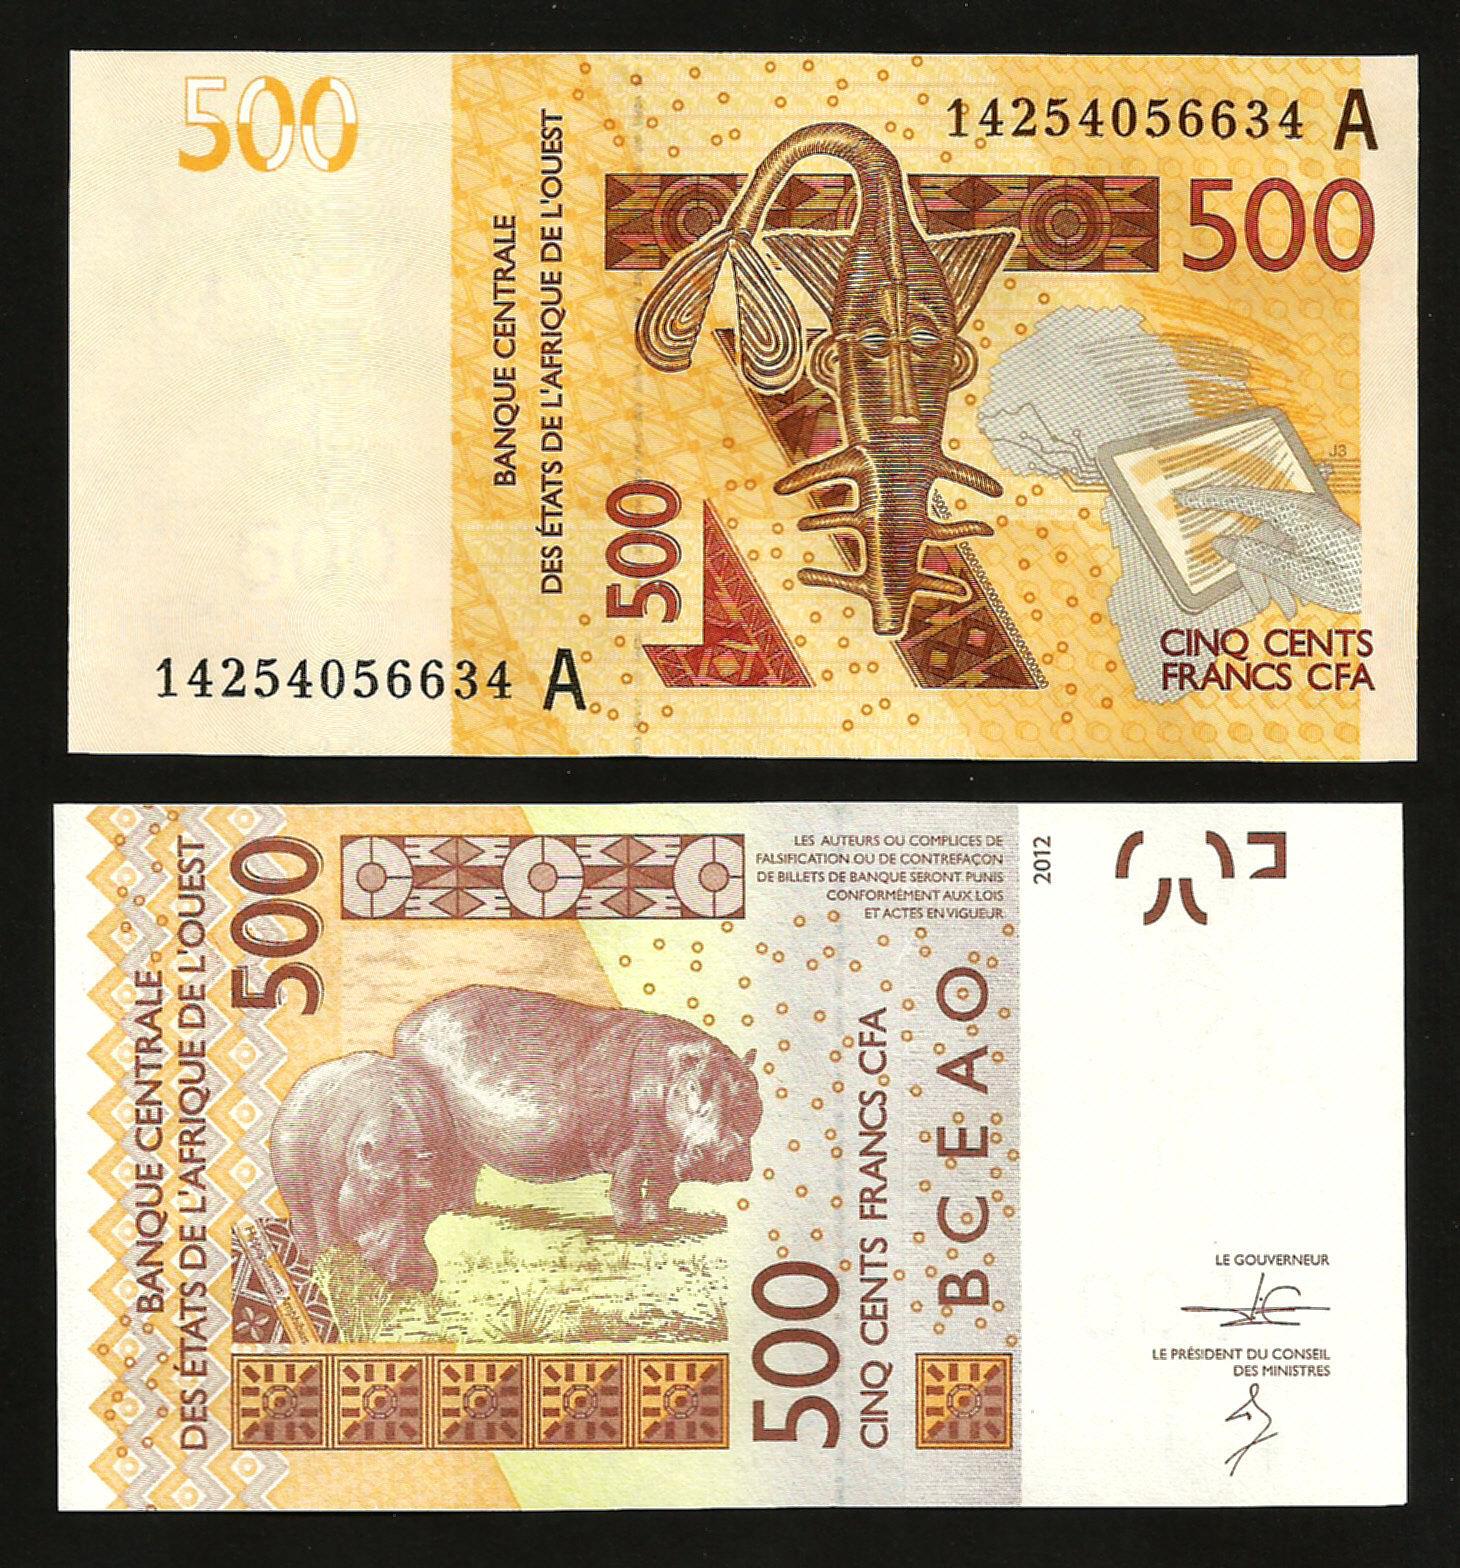 ธนบัตรประเทศ ไอวอรี่โคส WEST AFRICAN STATES IVORY COAST 500 FRANCS 2012 - 2014 UNC